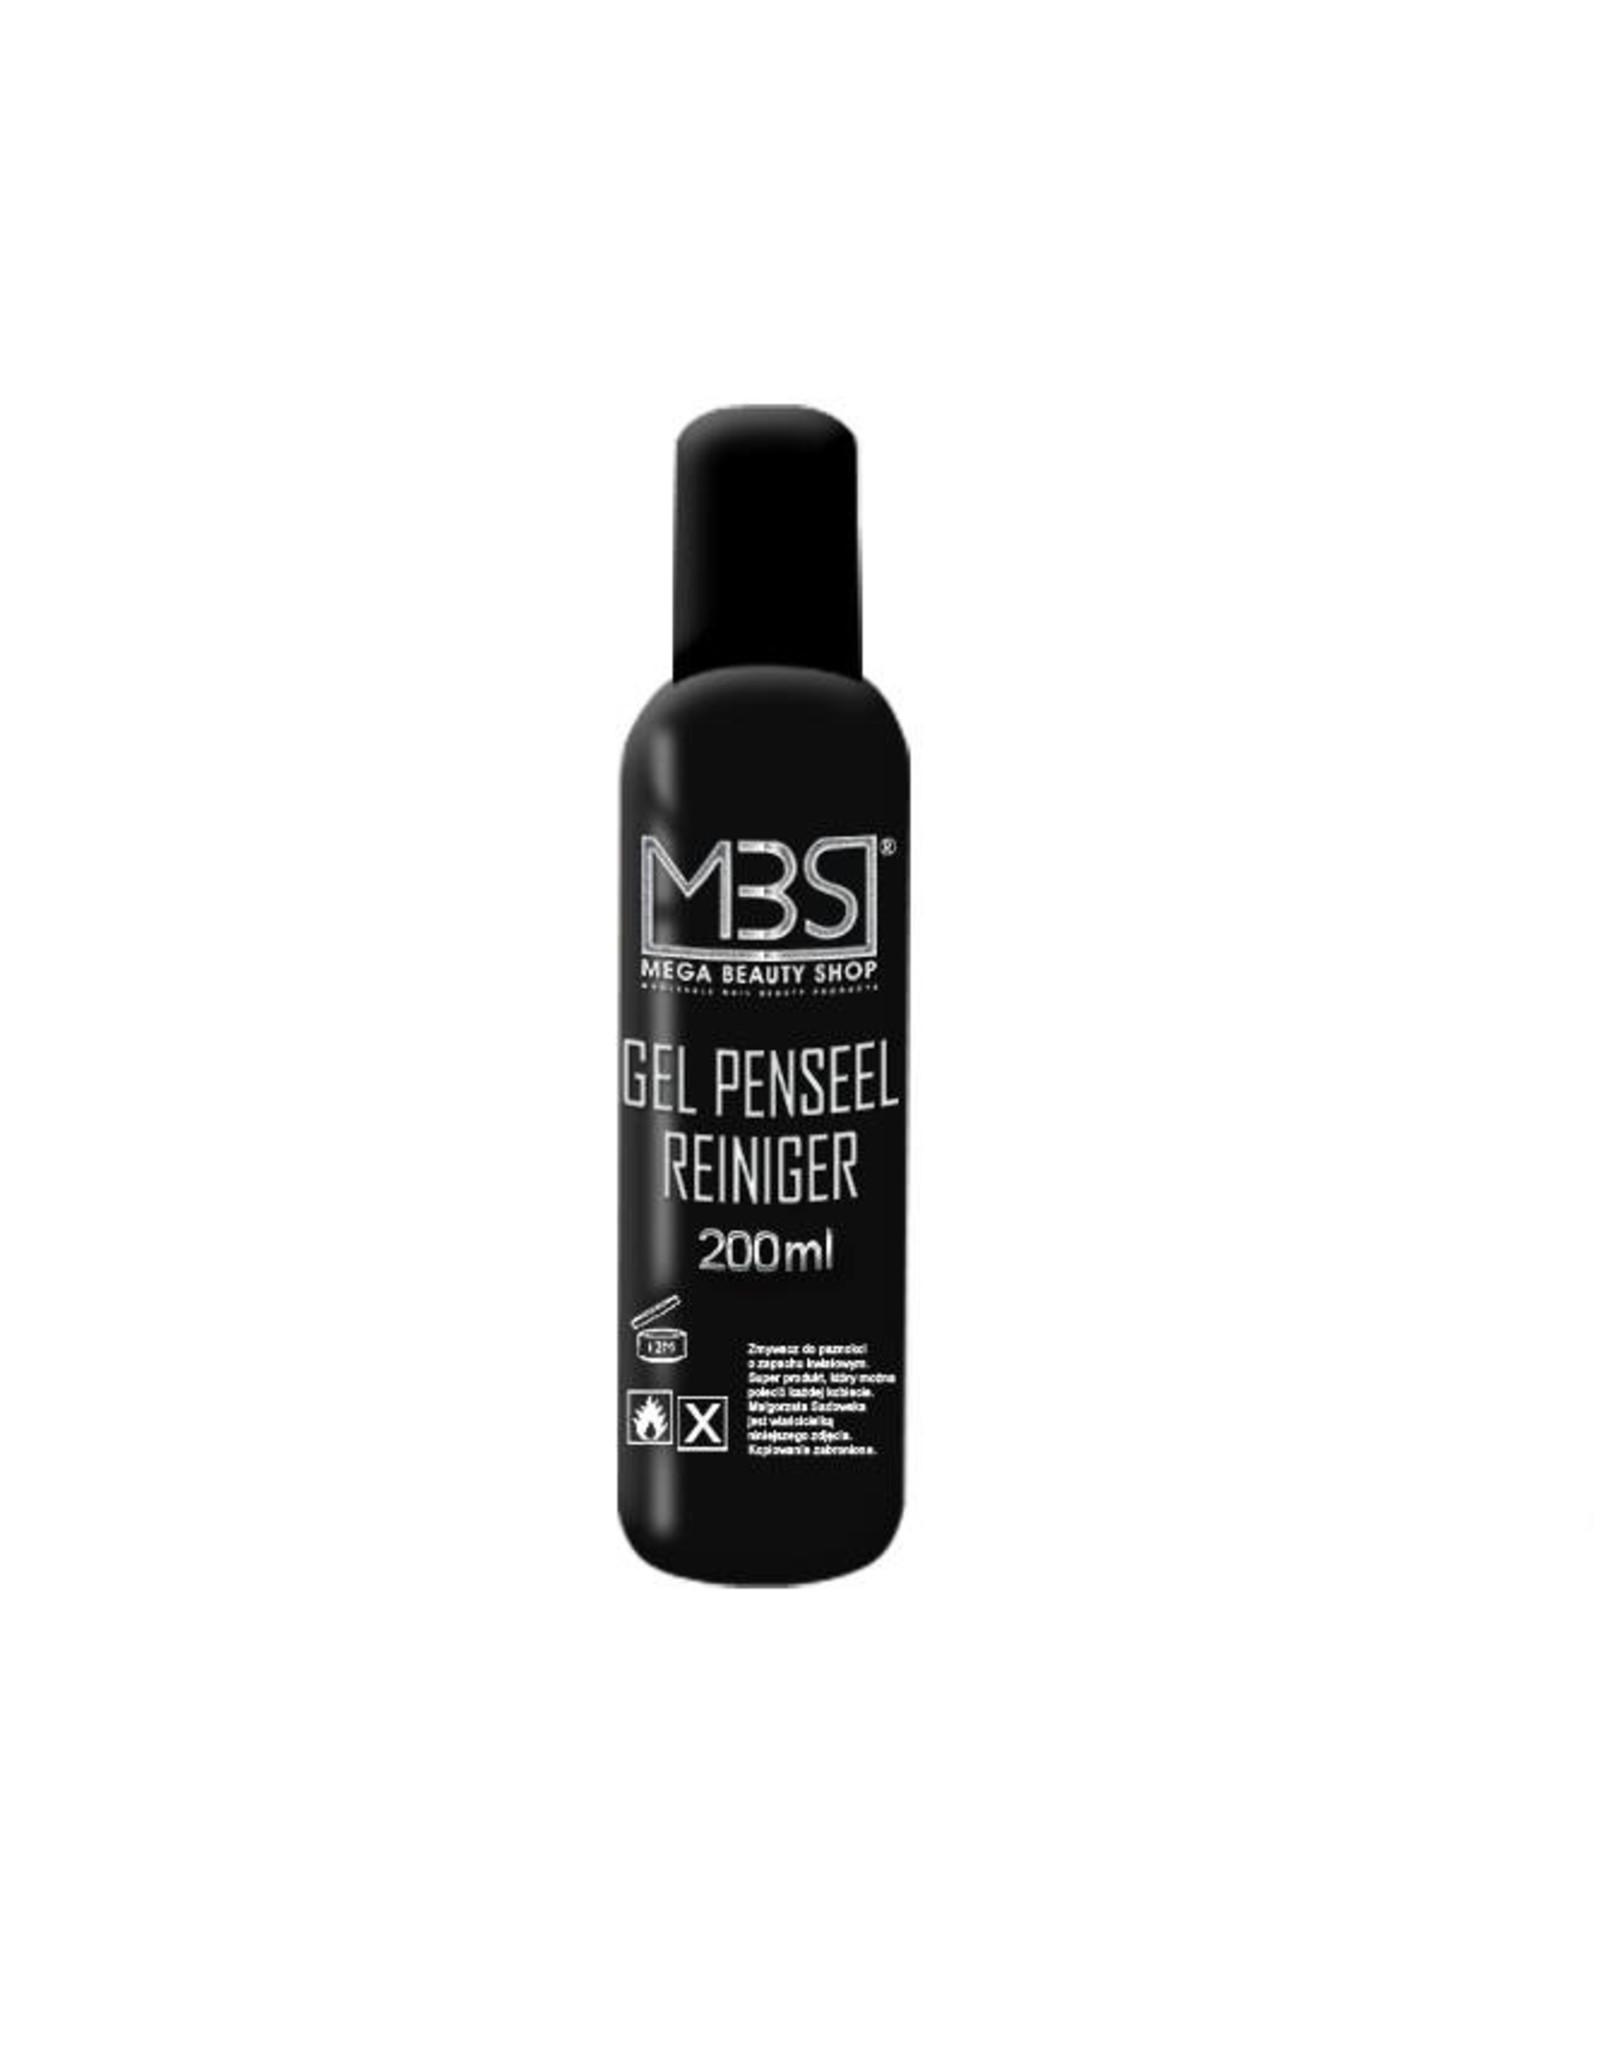 Mega Beauty Shop® Gel penseelreiniger (200 ml)  met amandelgeur